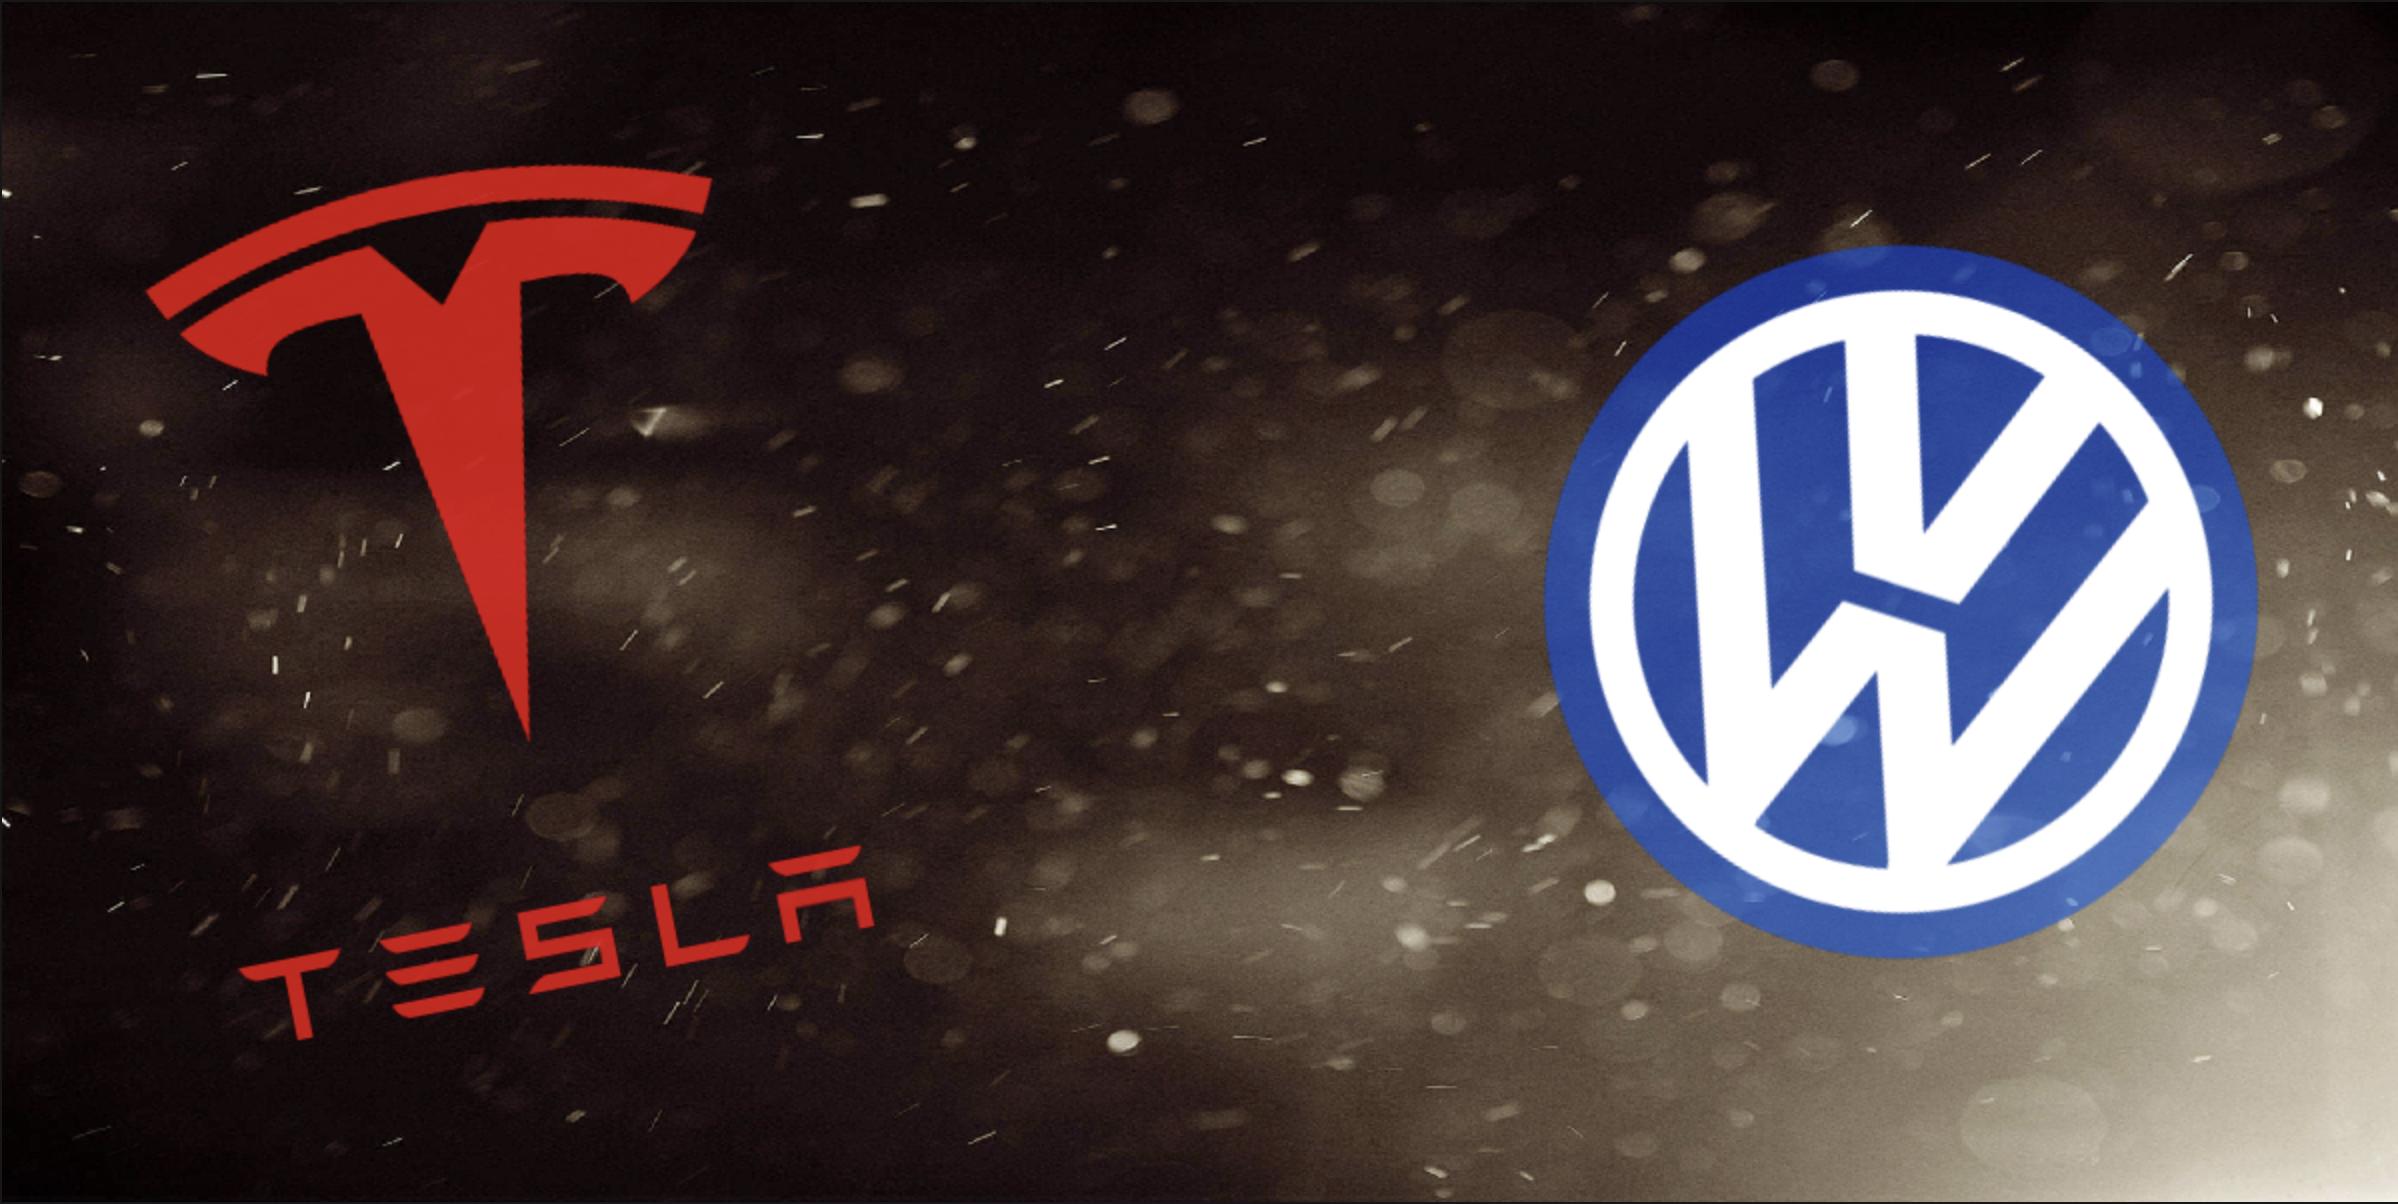 tesla-volkswagen-logo-background